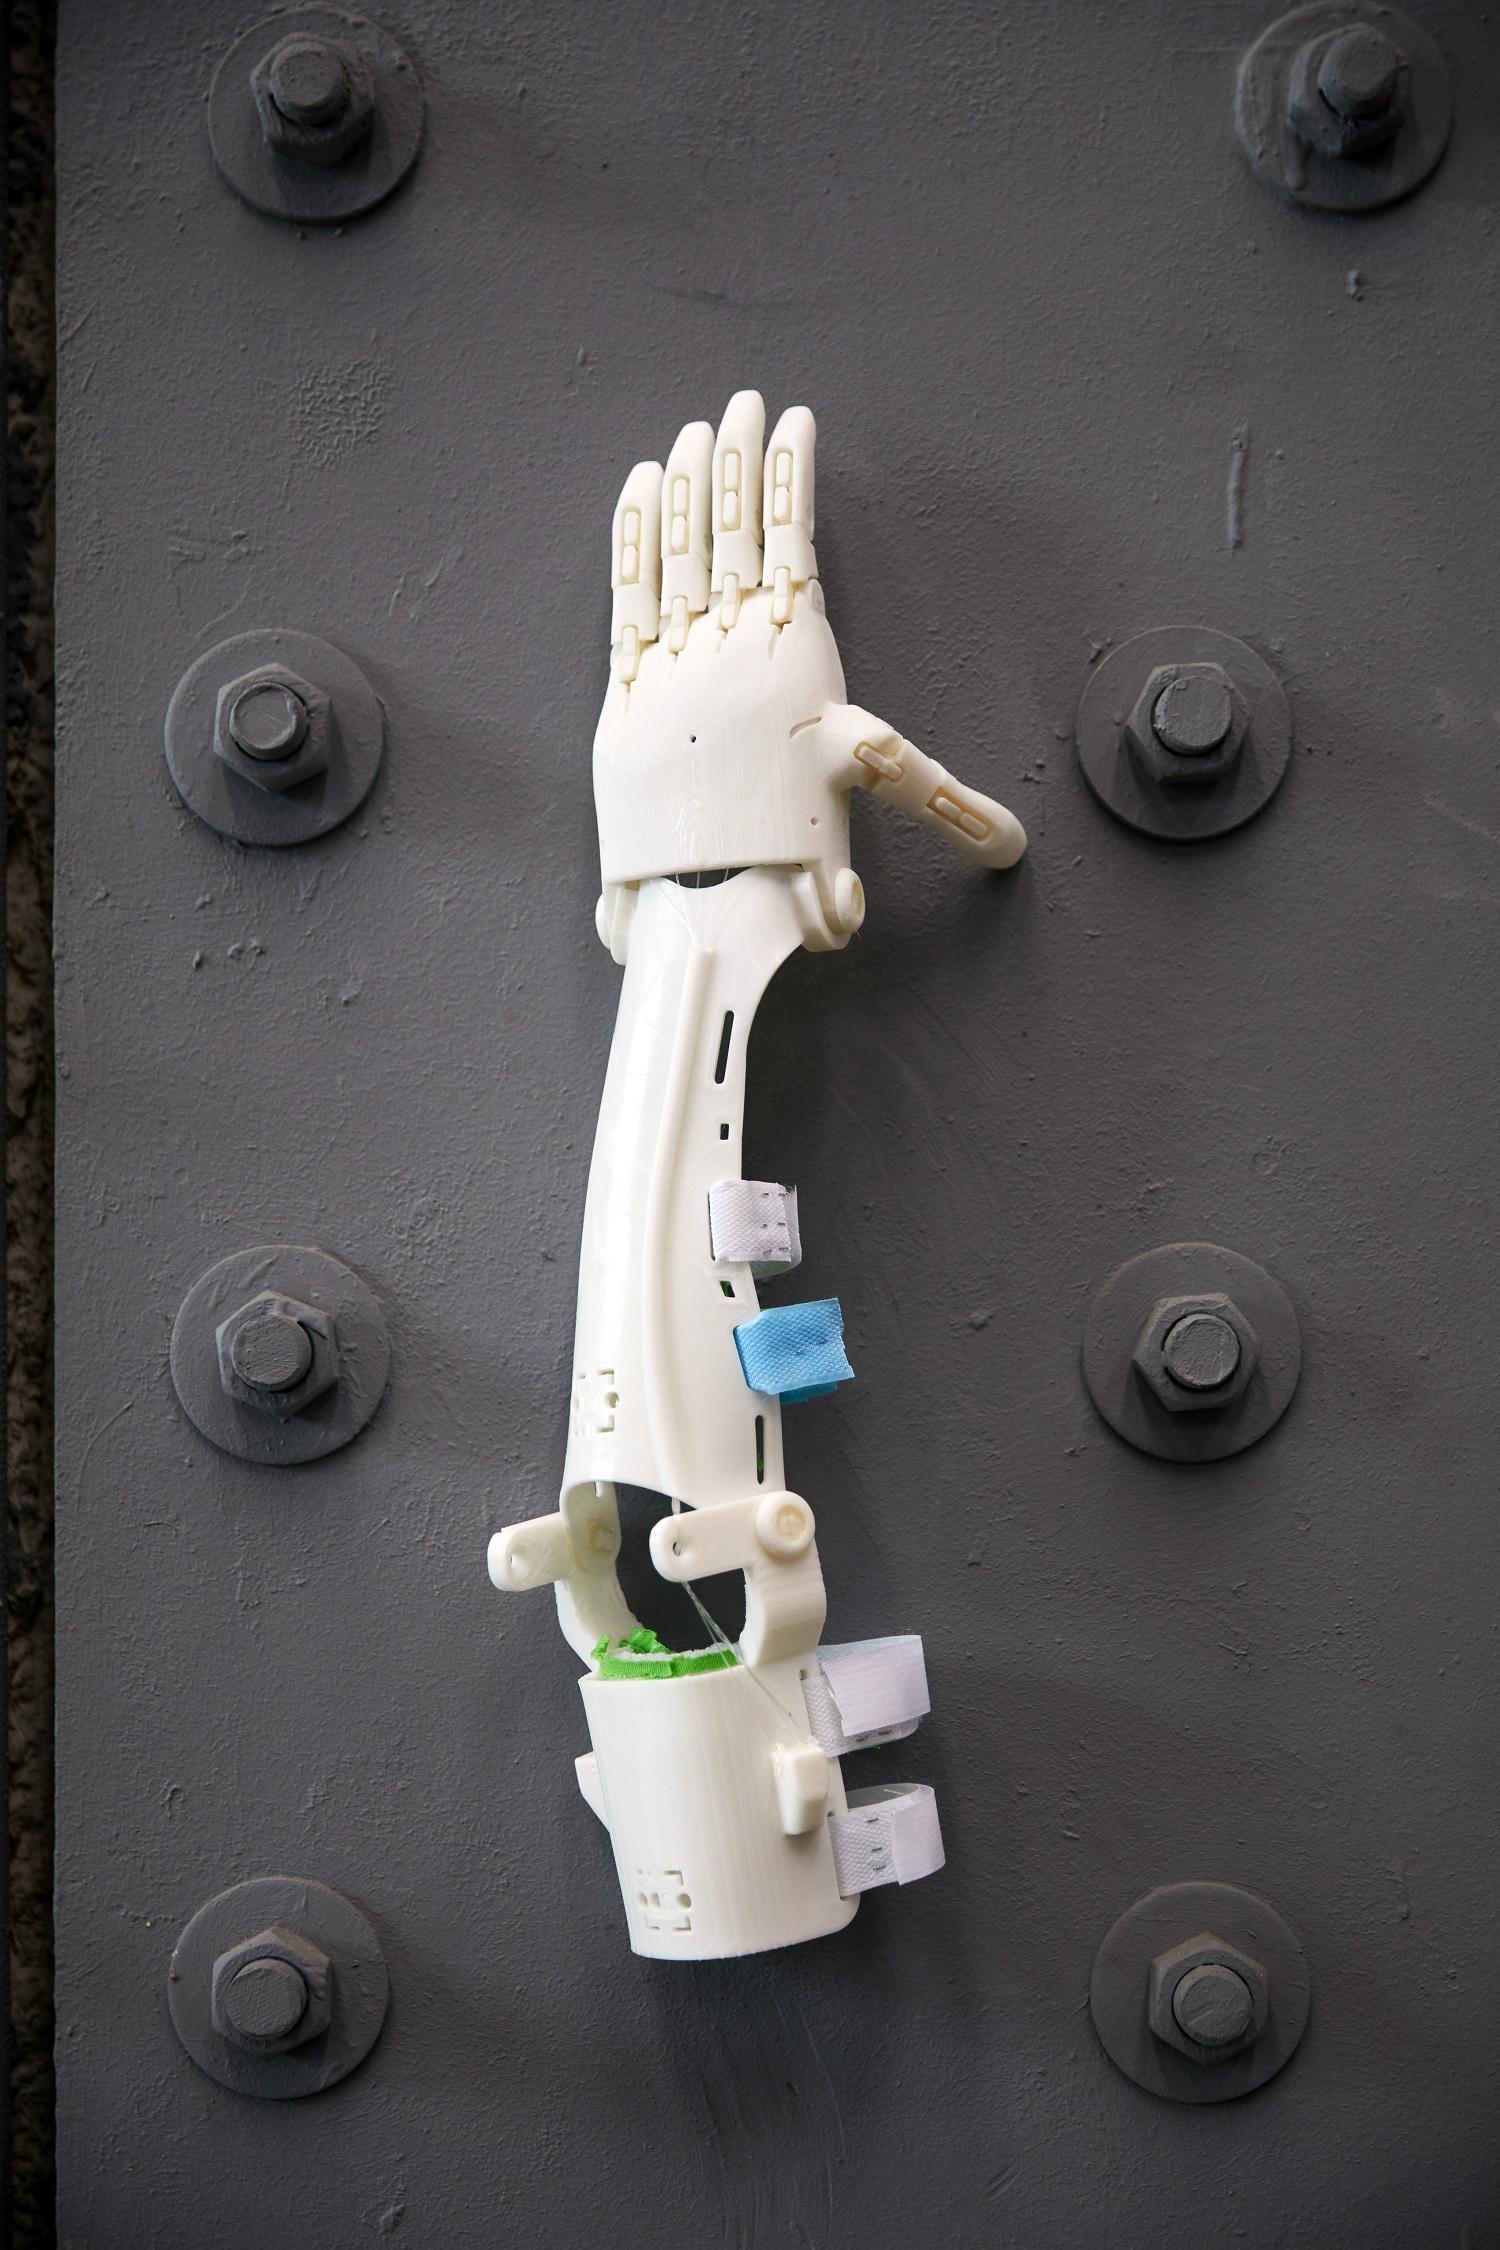 Un brazo realizado con una impresora 3D.